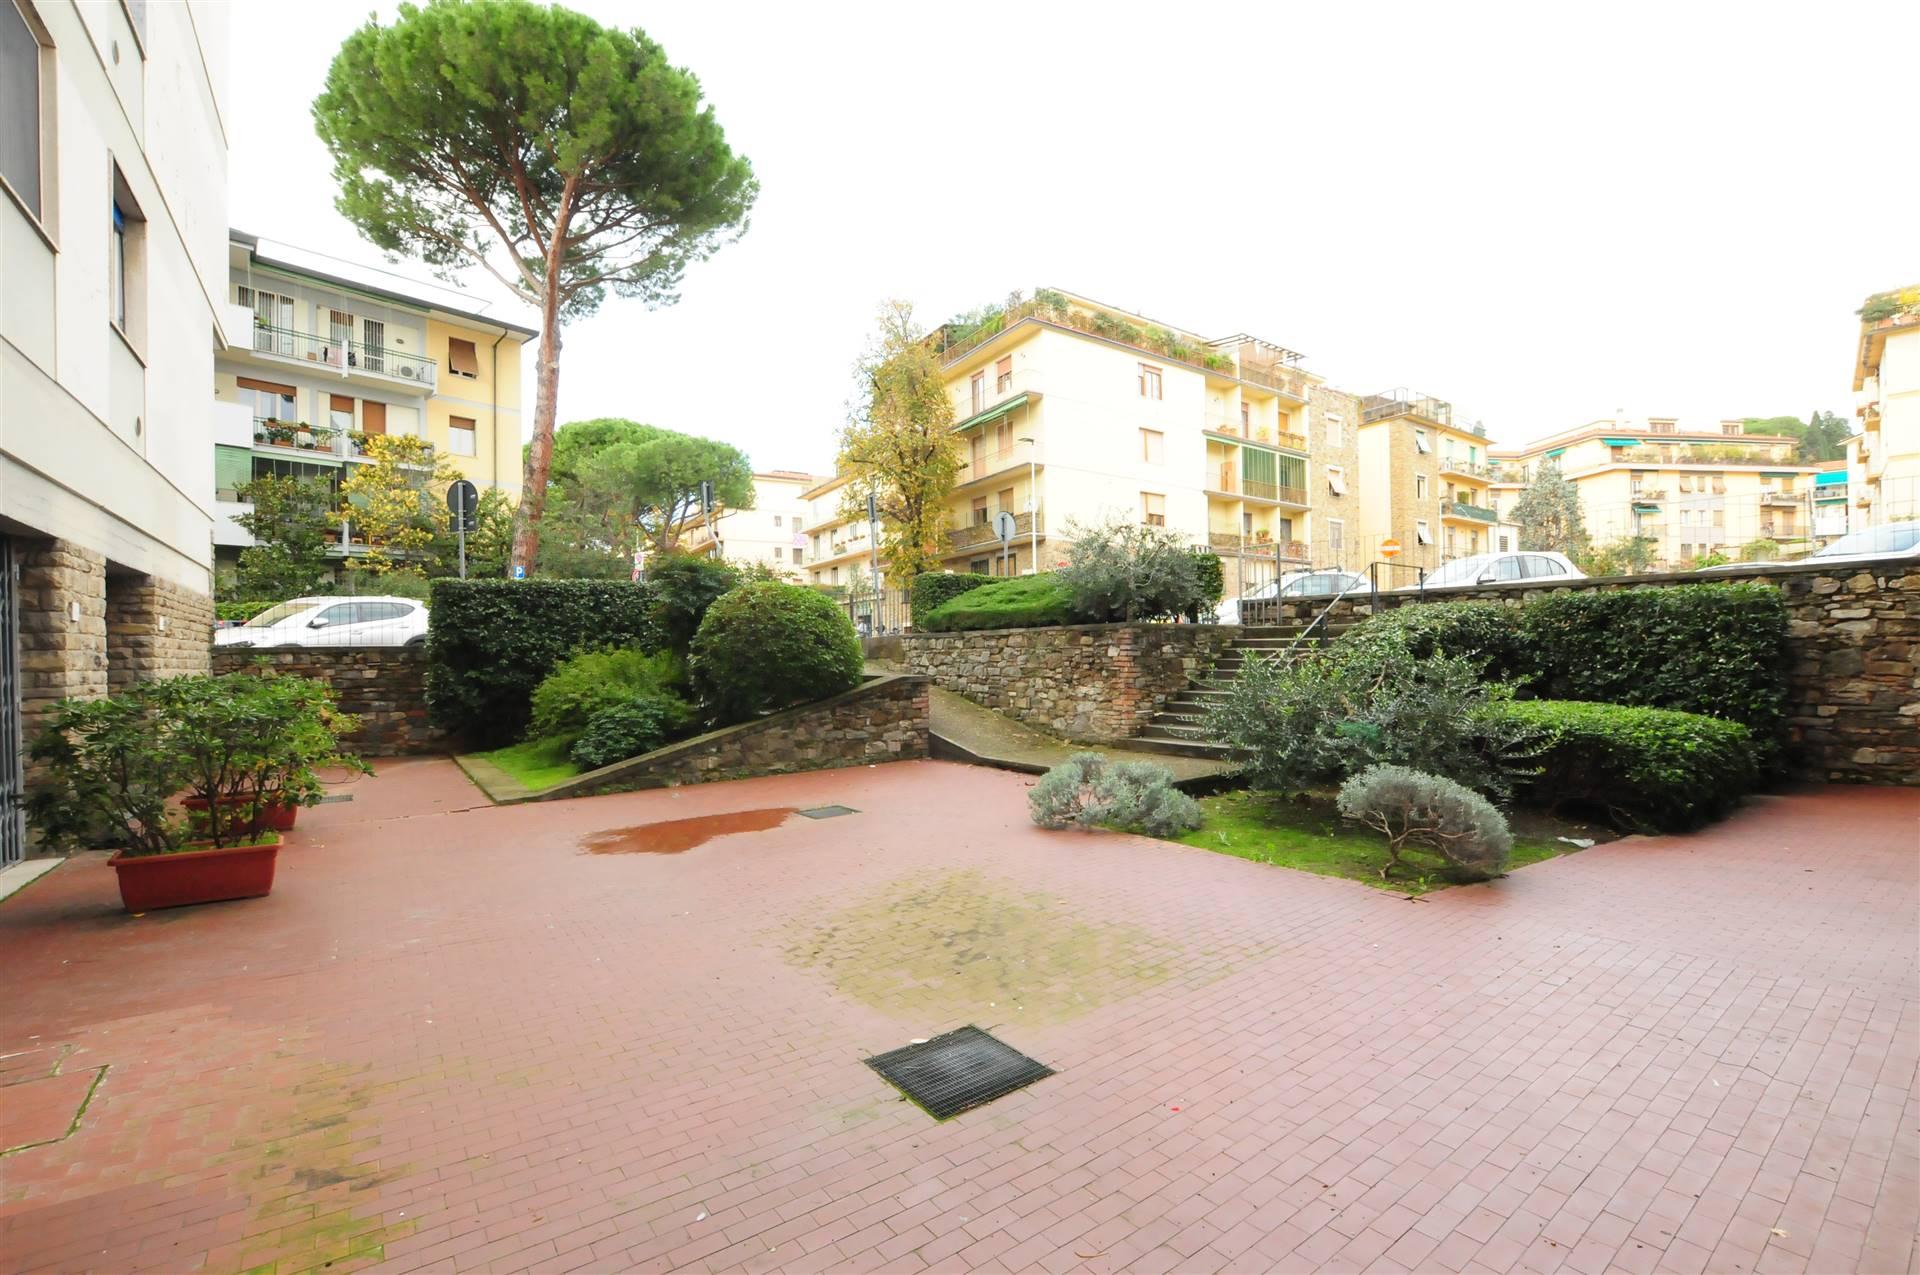 Uffici in affitto a Firenze (FI)